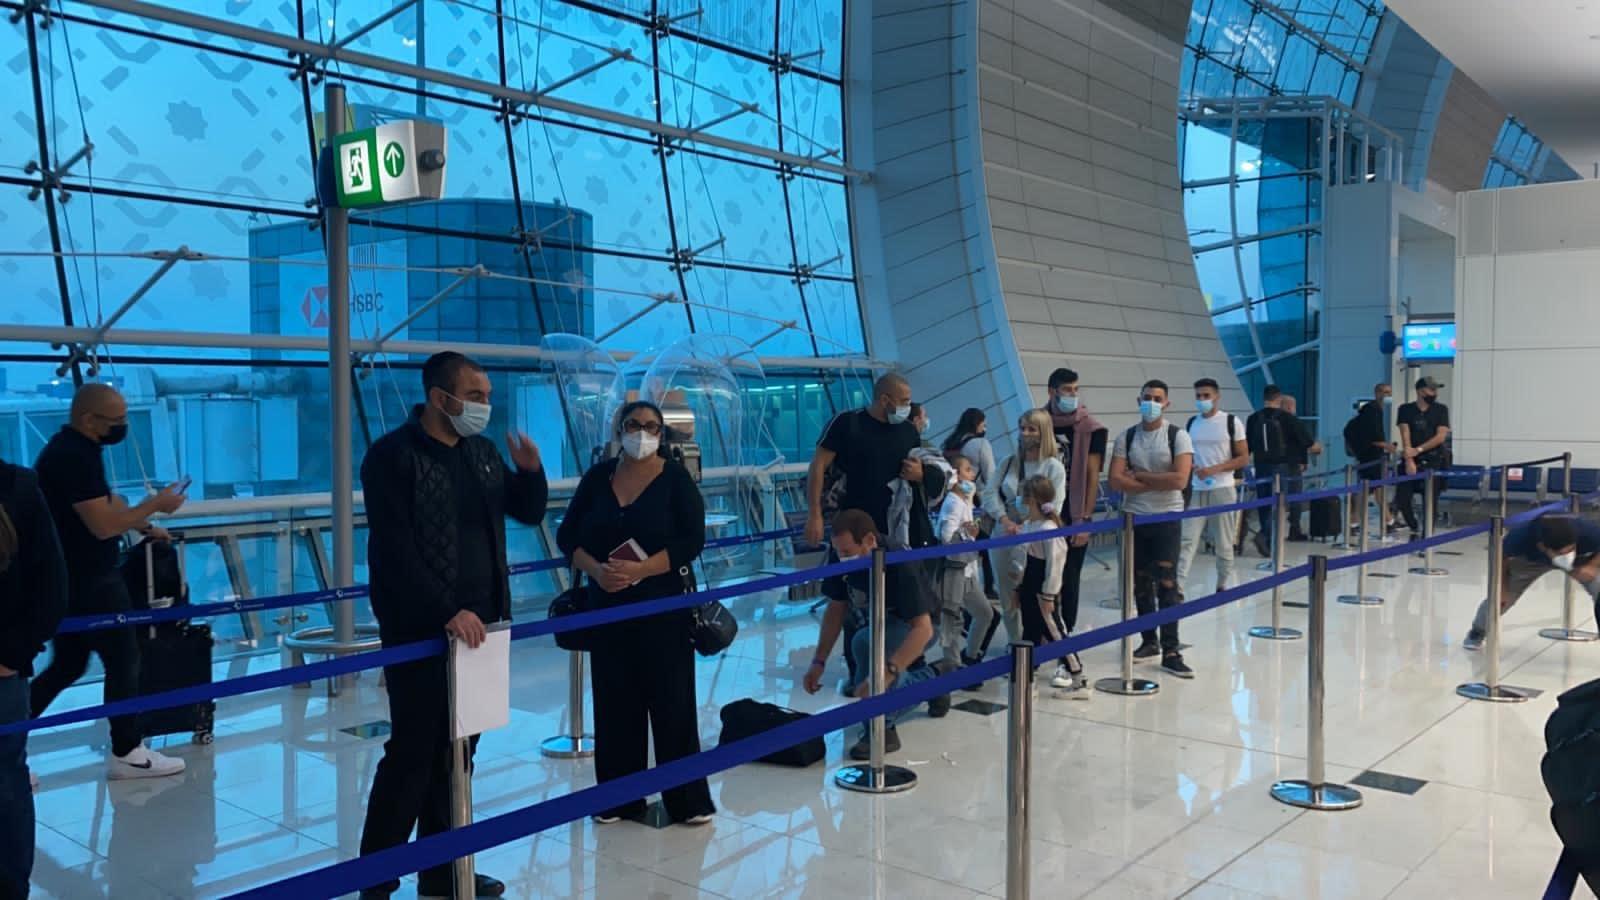 הנוסעים הישראלים נחתו בדובאי. שמירה על מרחק ומניעת התקהלות / צילום: טיסות סודיות